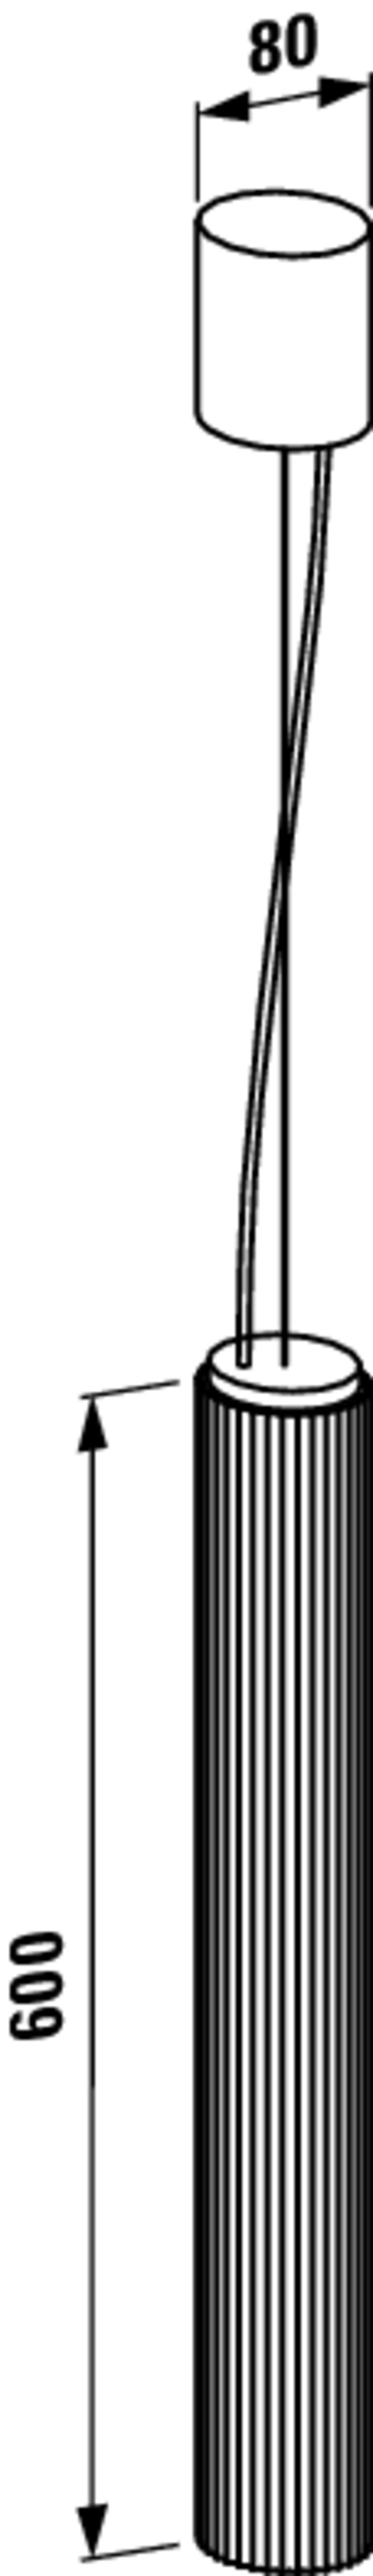 Lampa wisząca 60 cm Laufen Kartell rysunek techniczny